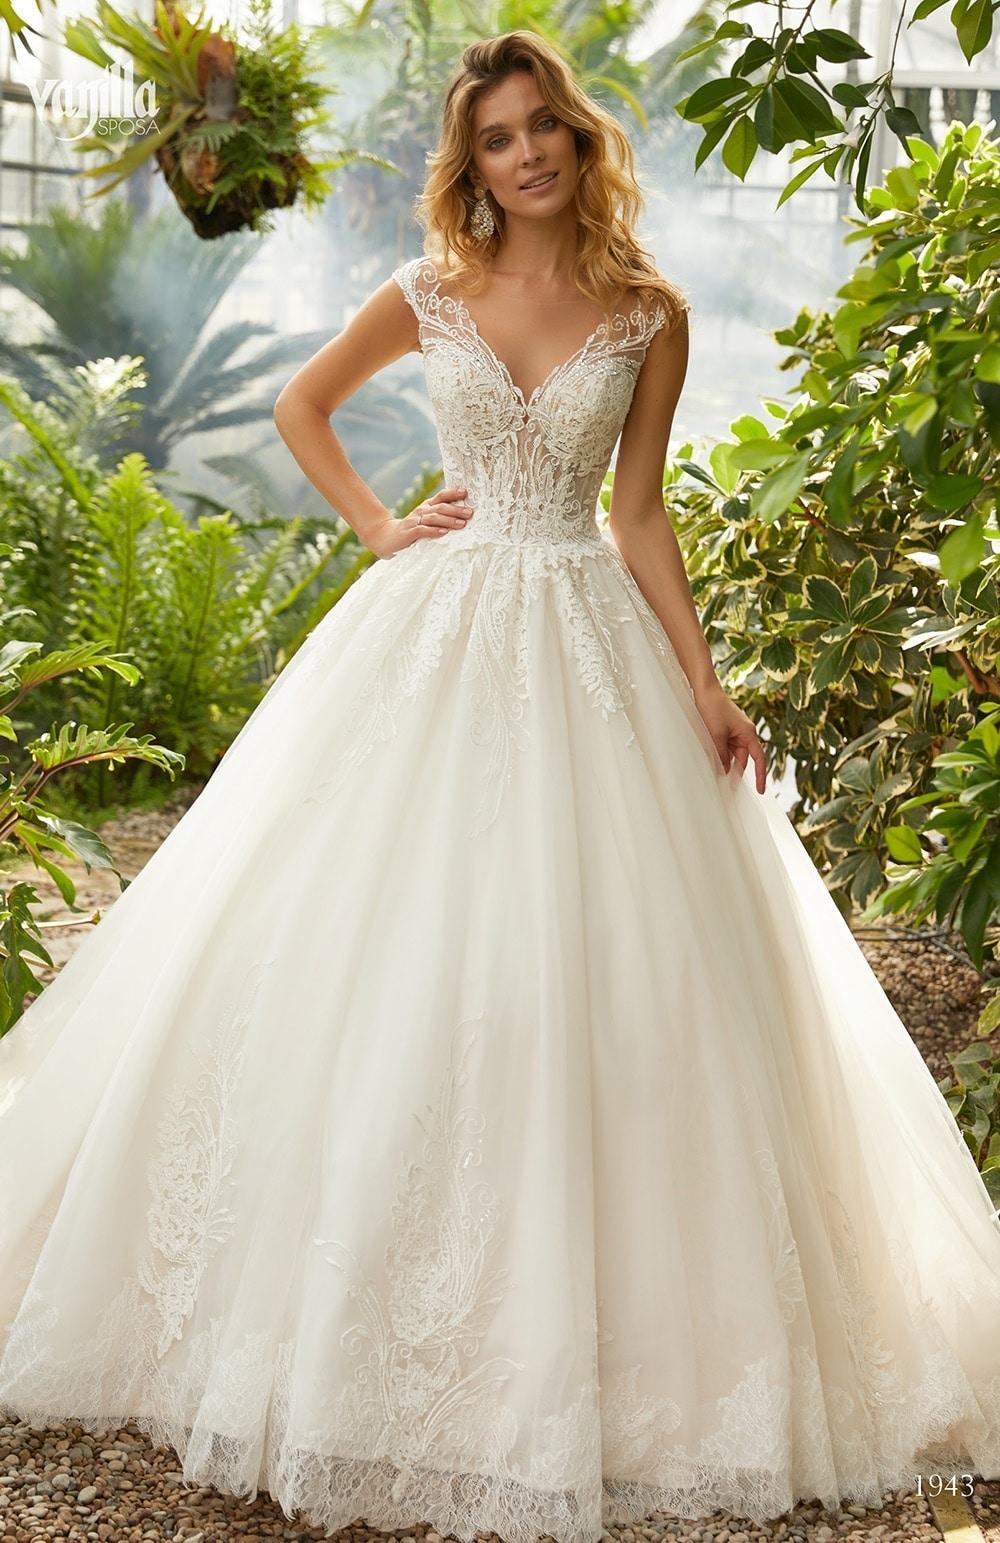 Robe de mariée Modèle Venise